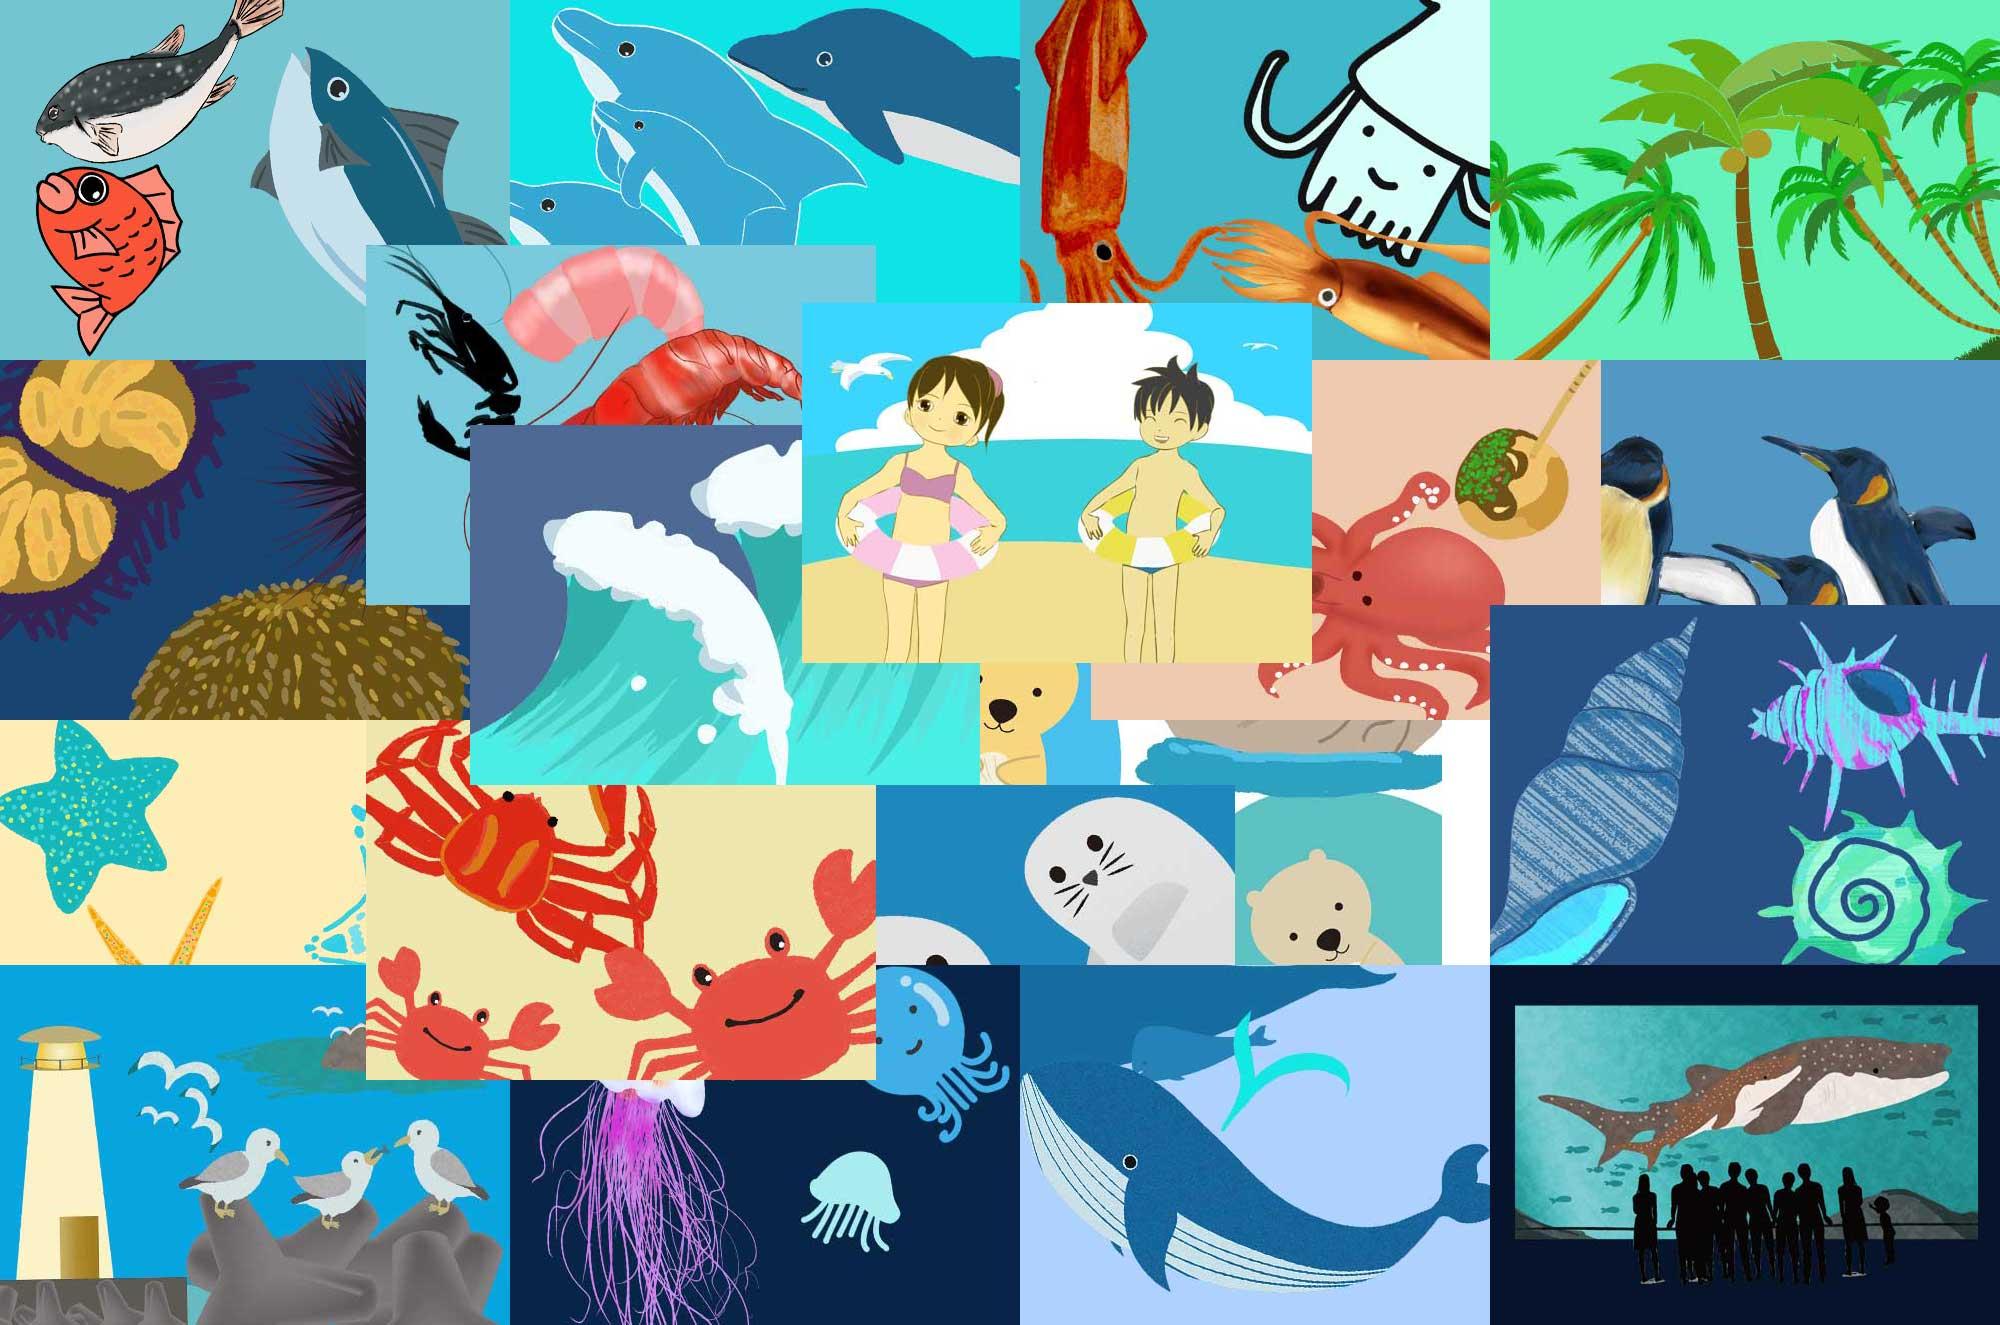 海のイラスト - 不思議で可愛い動物・生物の無料素材集